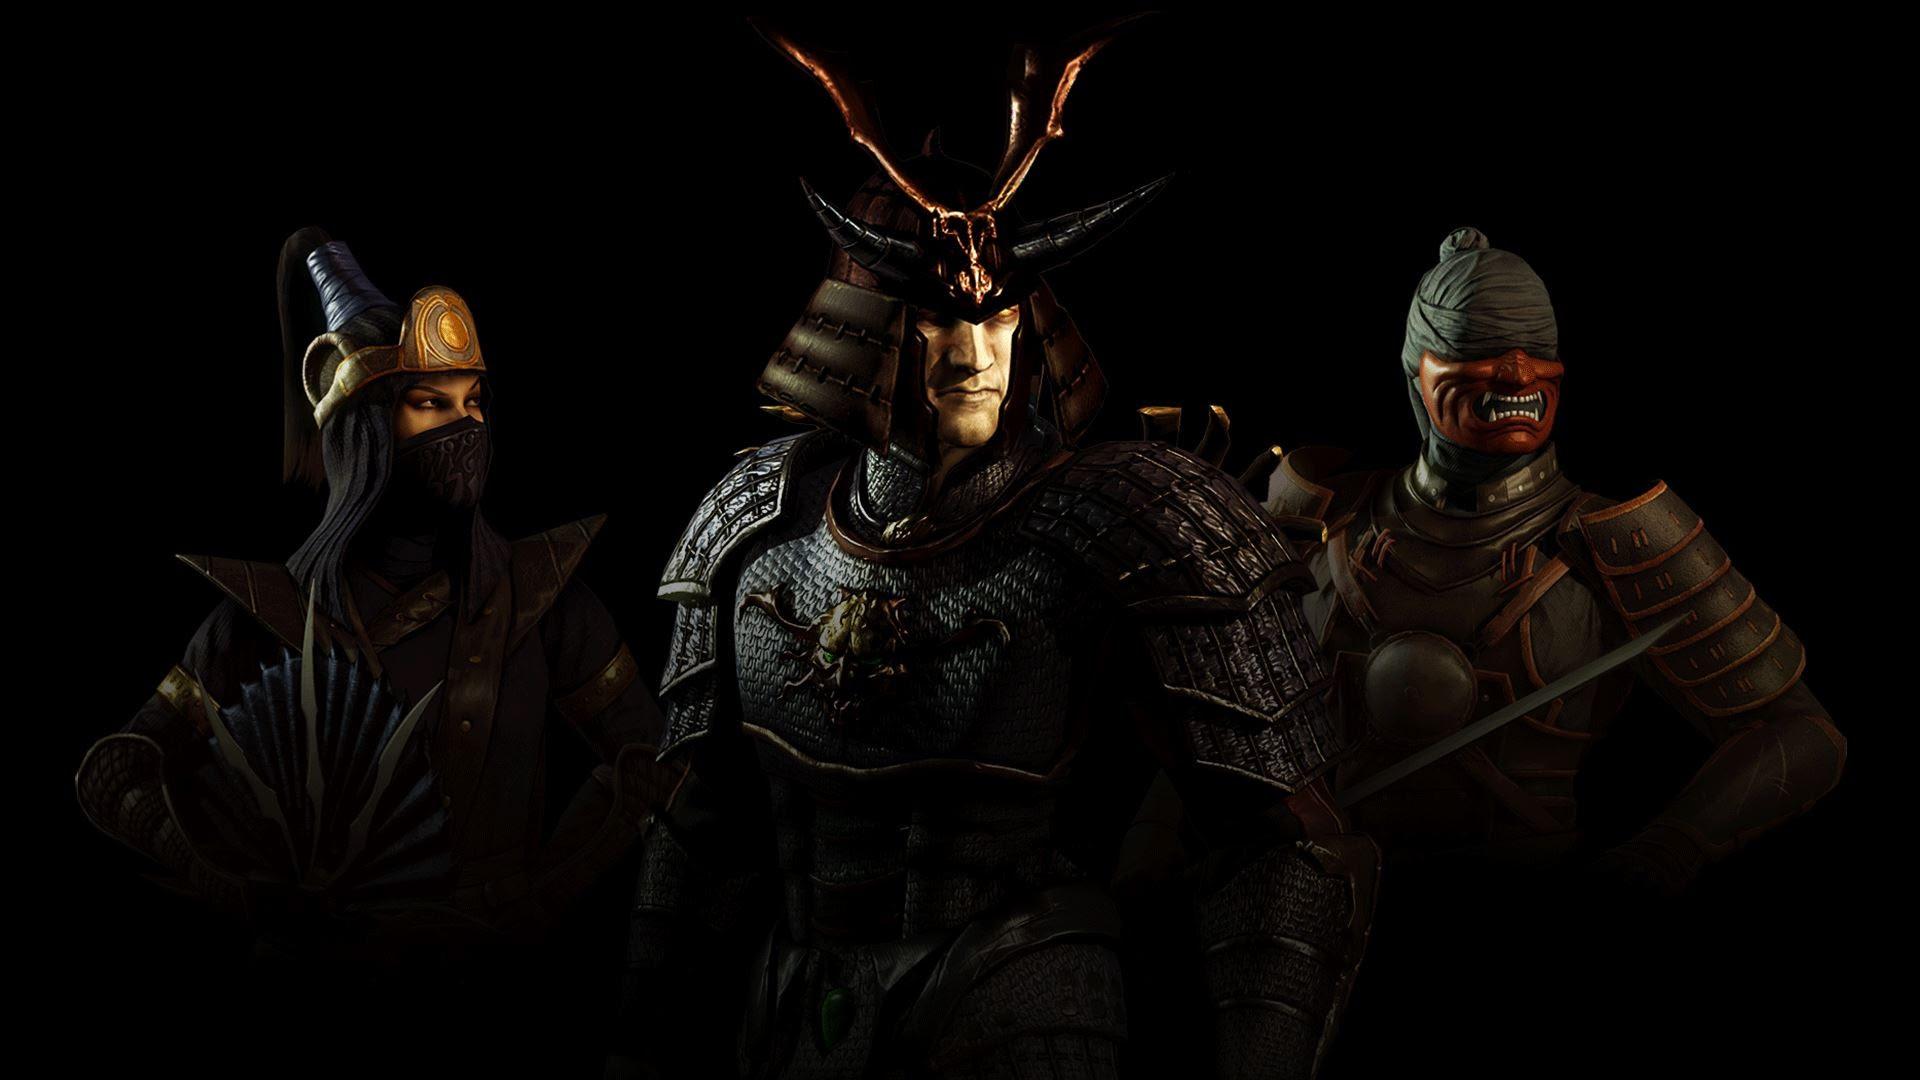 Mortal Kombat X Samurai Pack Wallpapers | HD Wallpapers ...